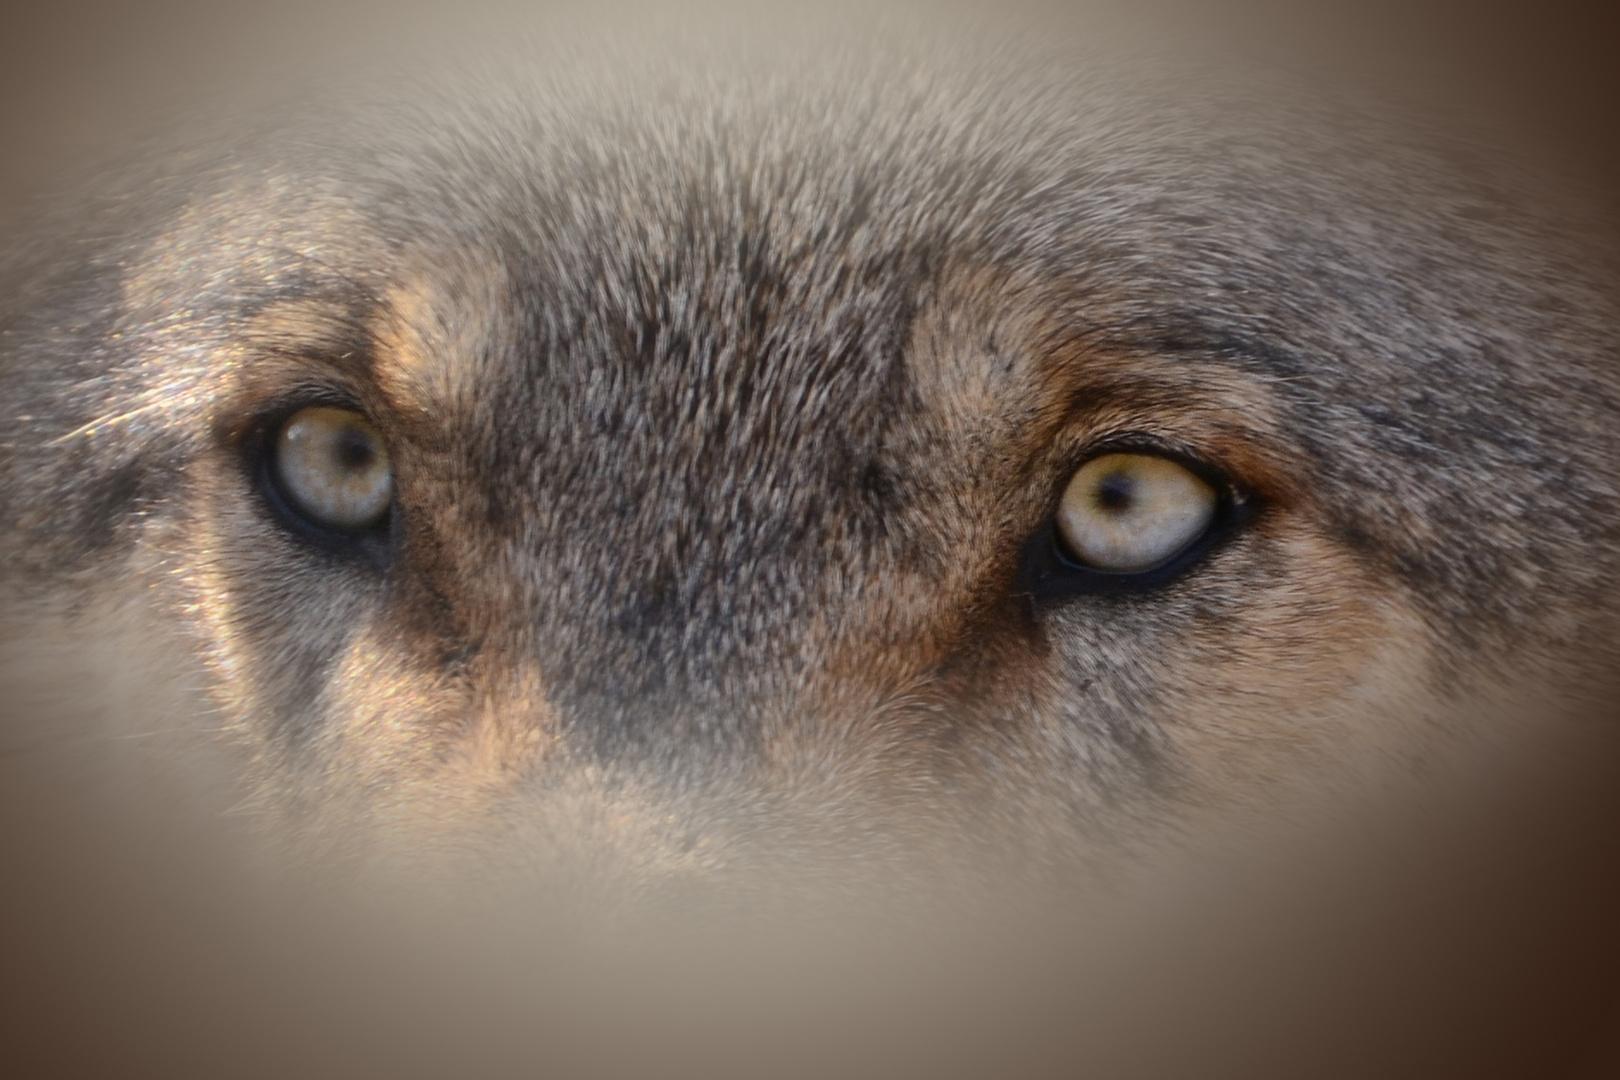 Können diese (Wolfs)augen lügen?